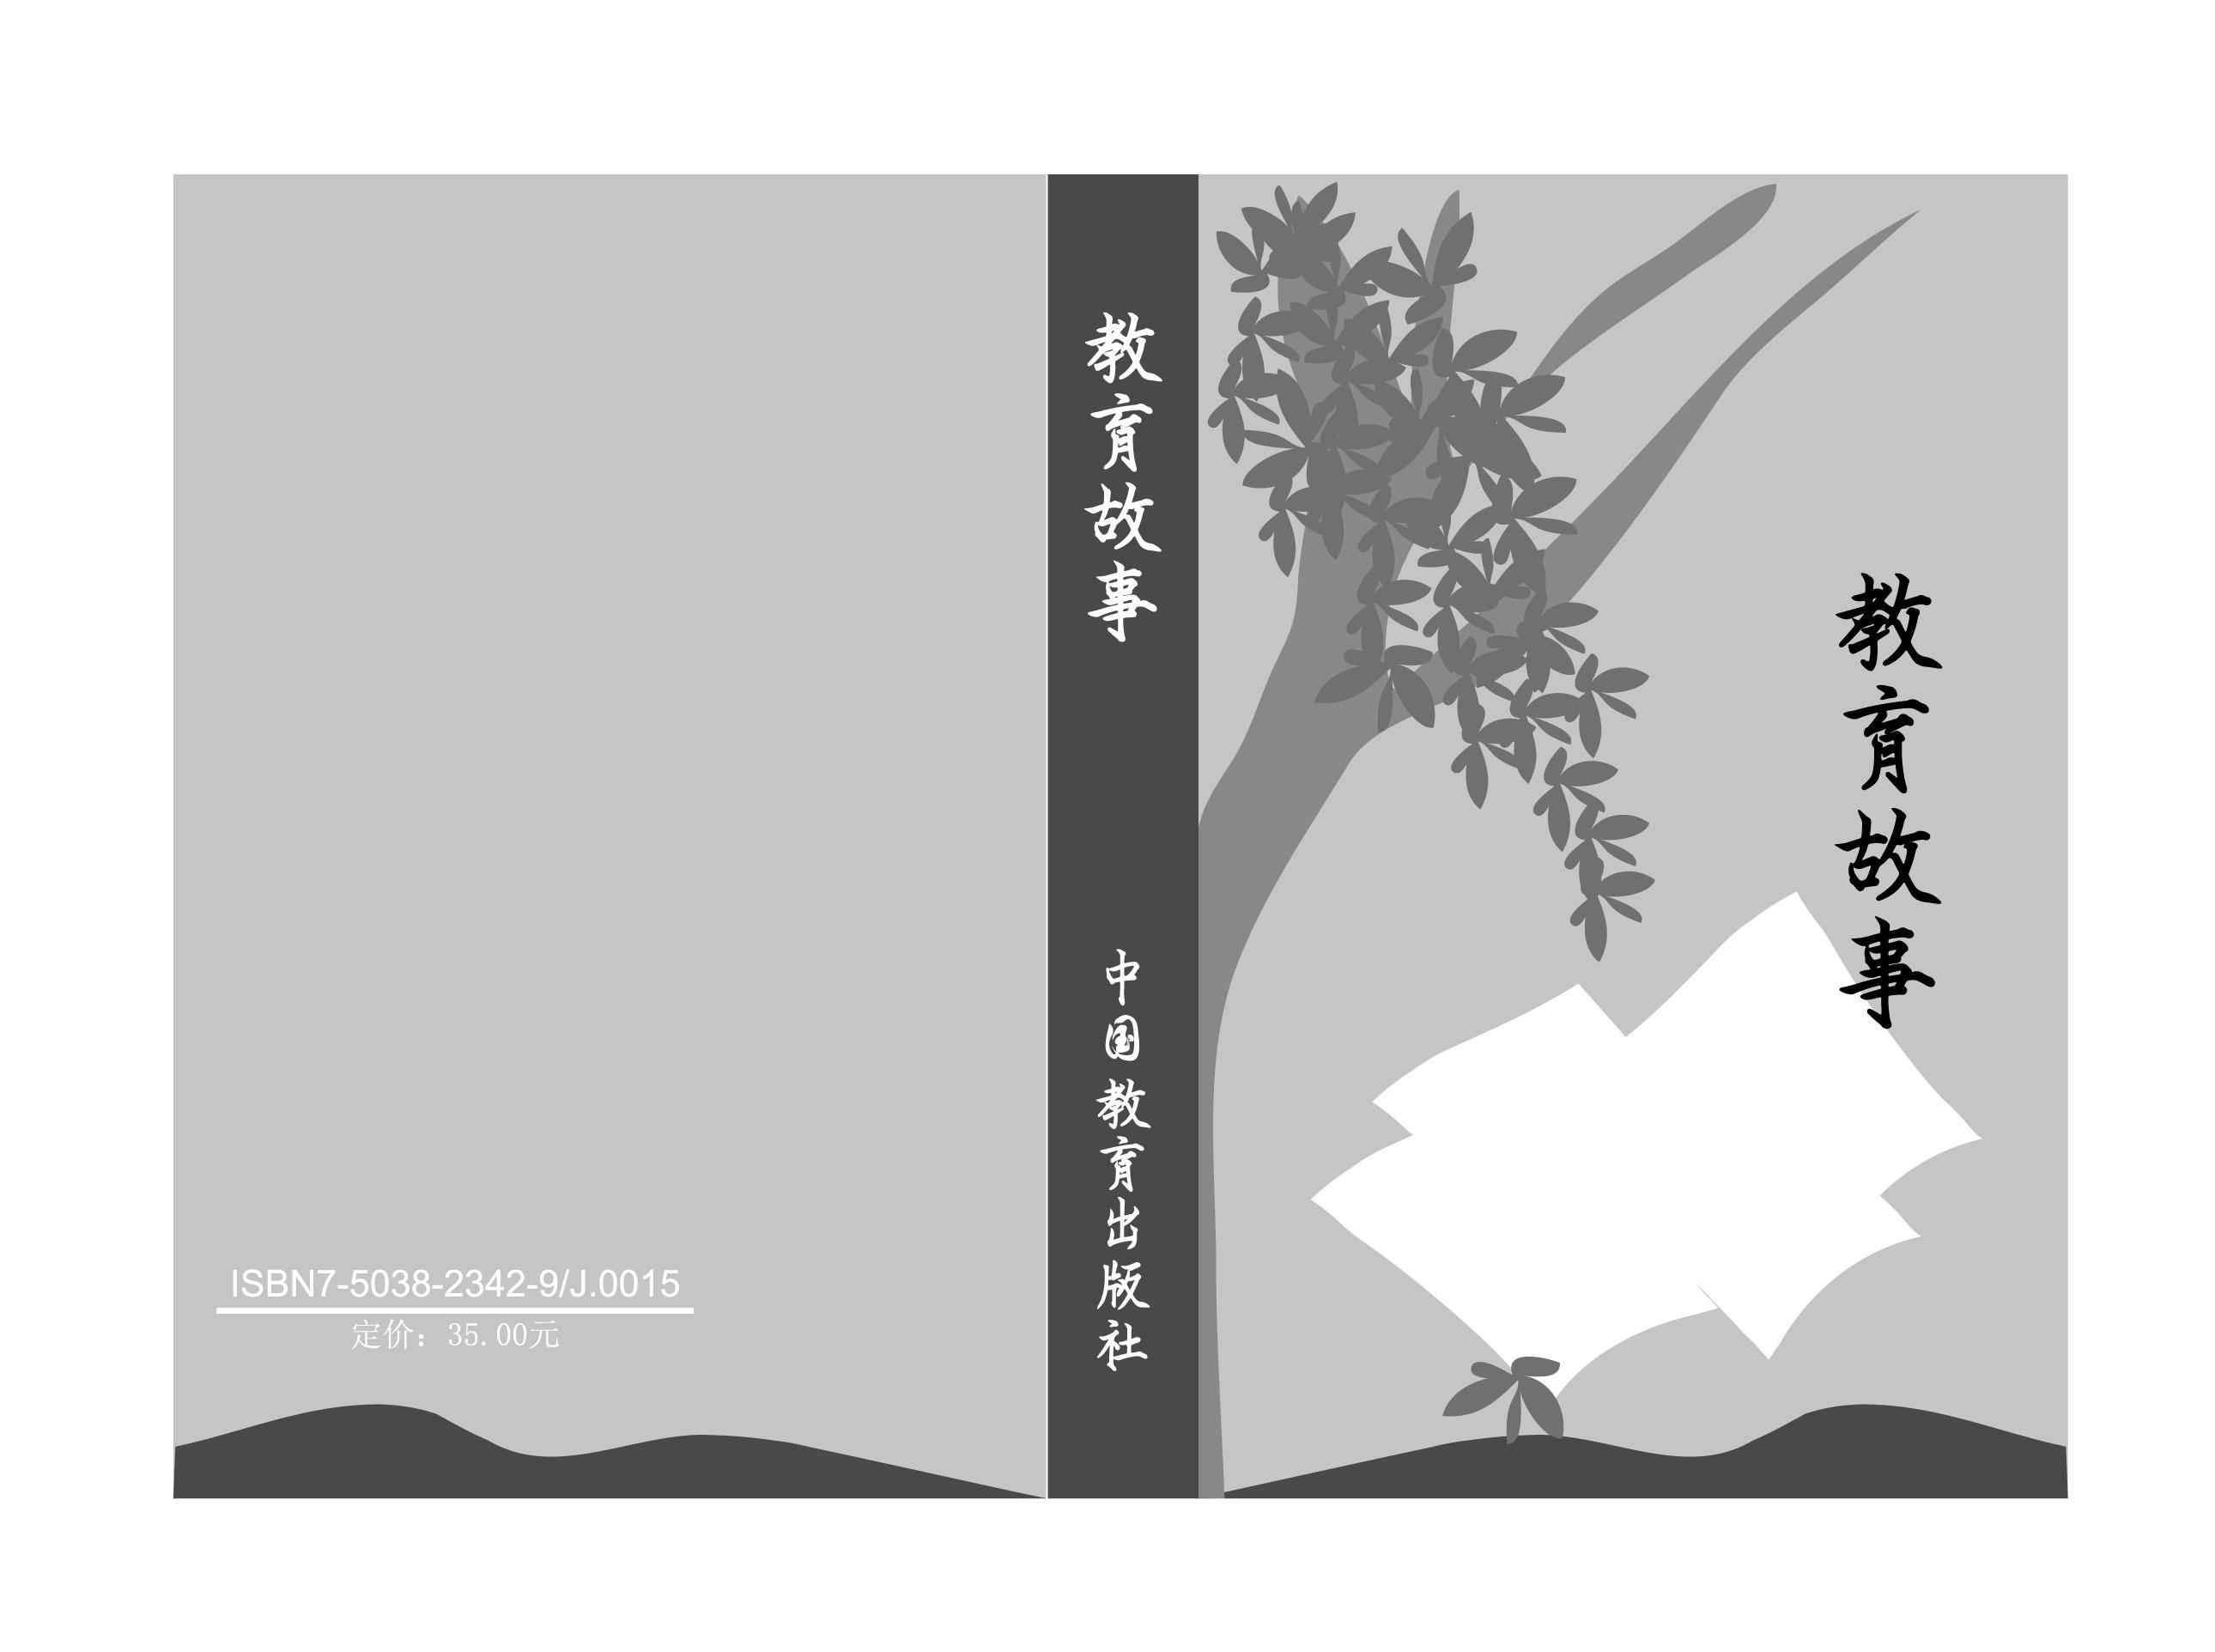 《教育故事》图书封面设计